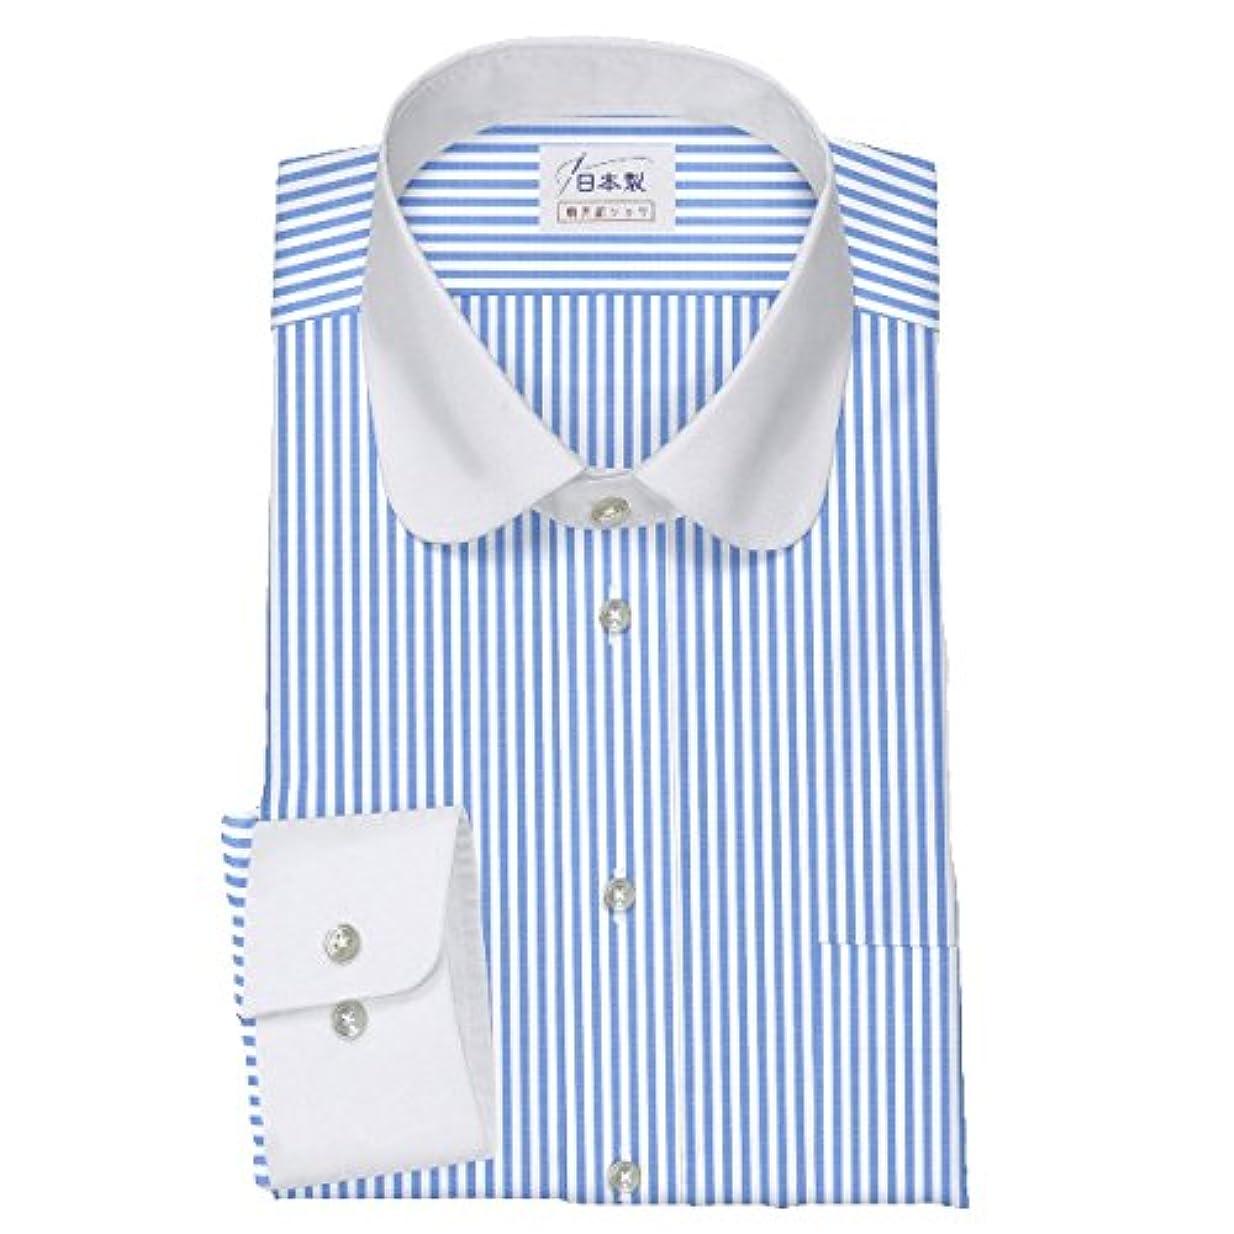 アラスカ傷跡段階ワイシャツ 軽井沢シャツ [A10KZC213] ラウンドカラー 大丸 クレリック ライトブルーロンスト らくらくオーダー受注生産商品